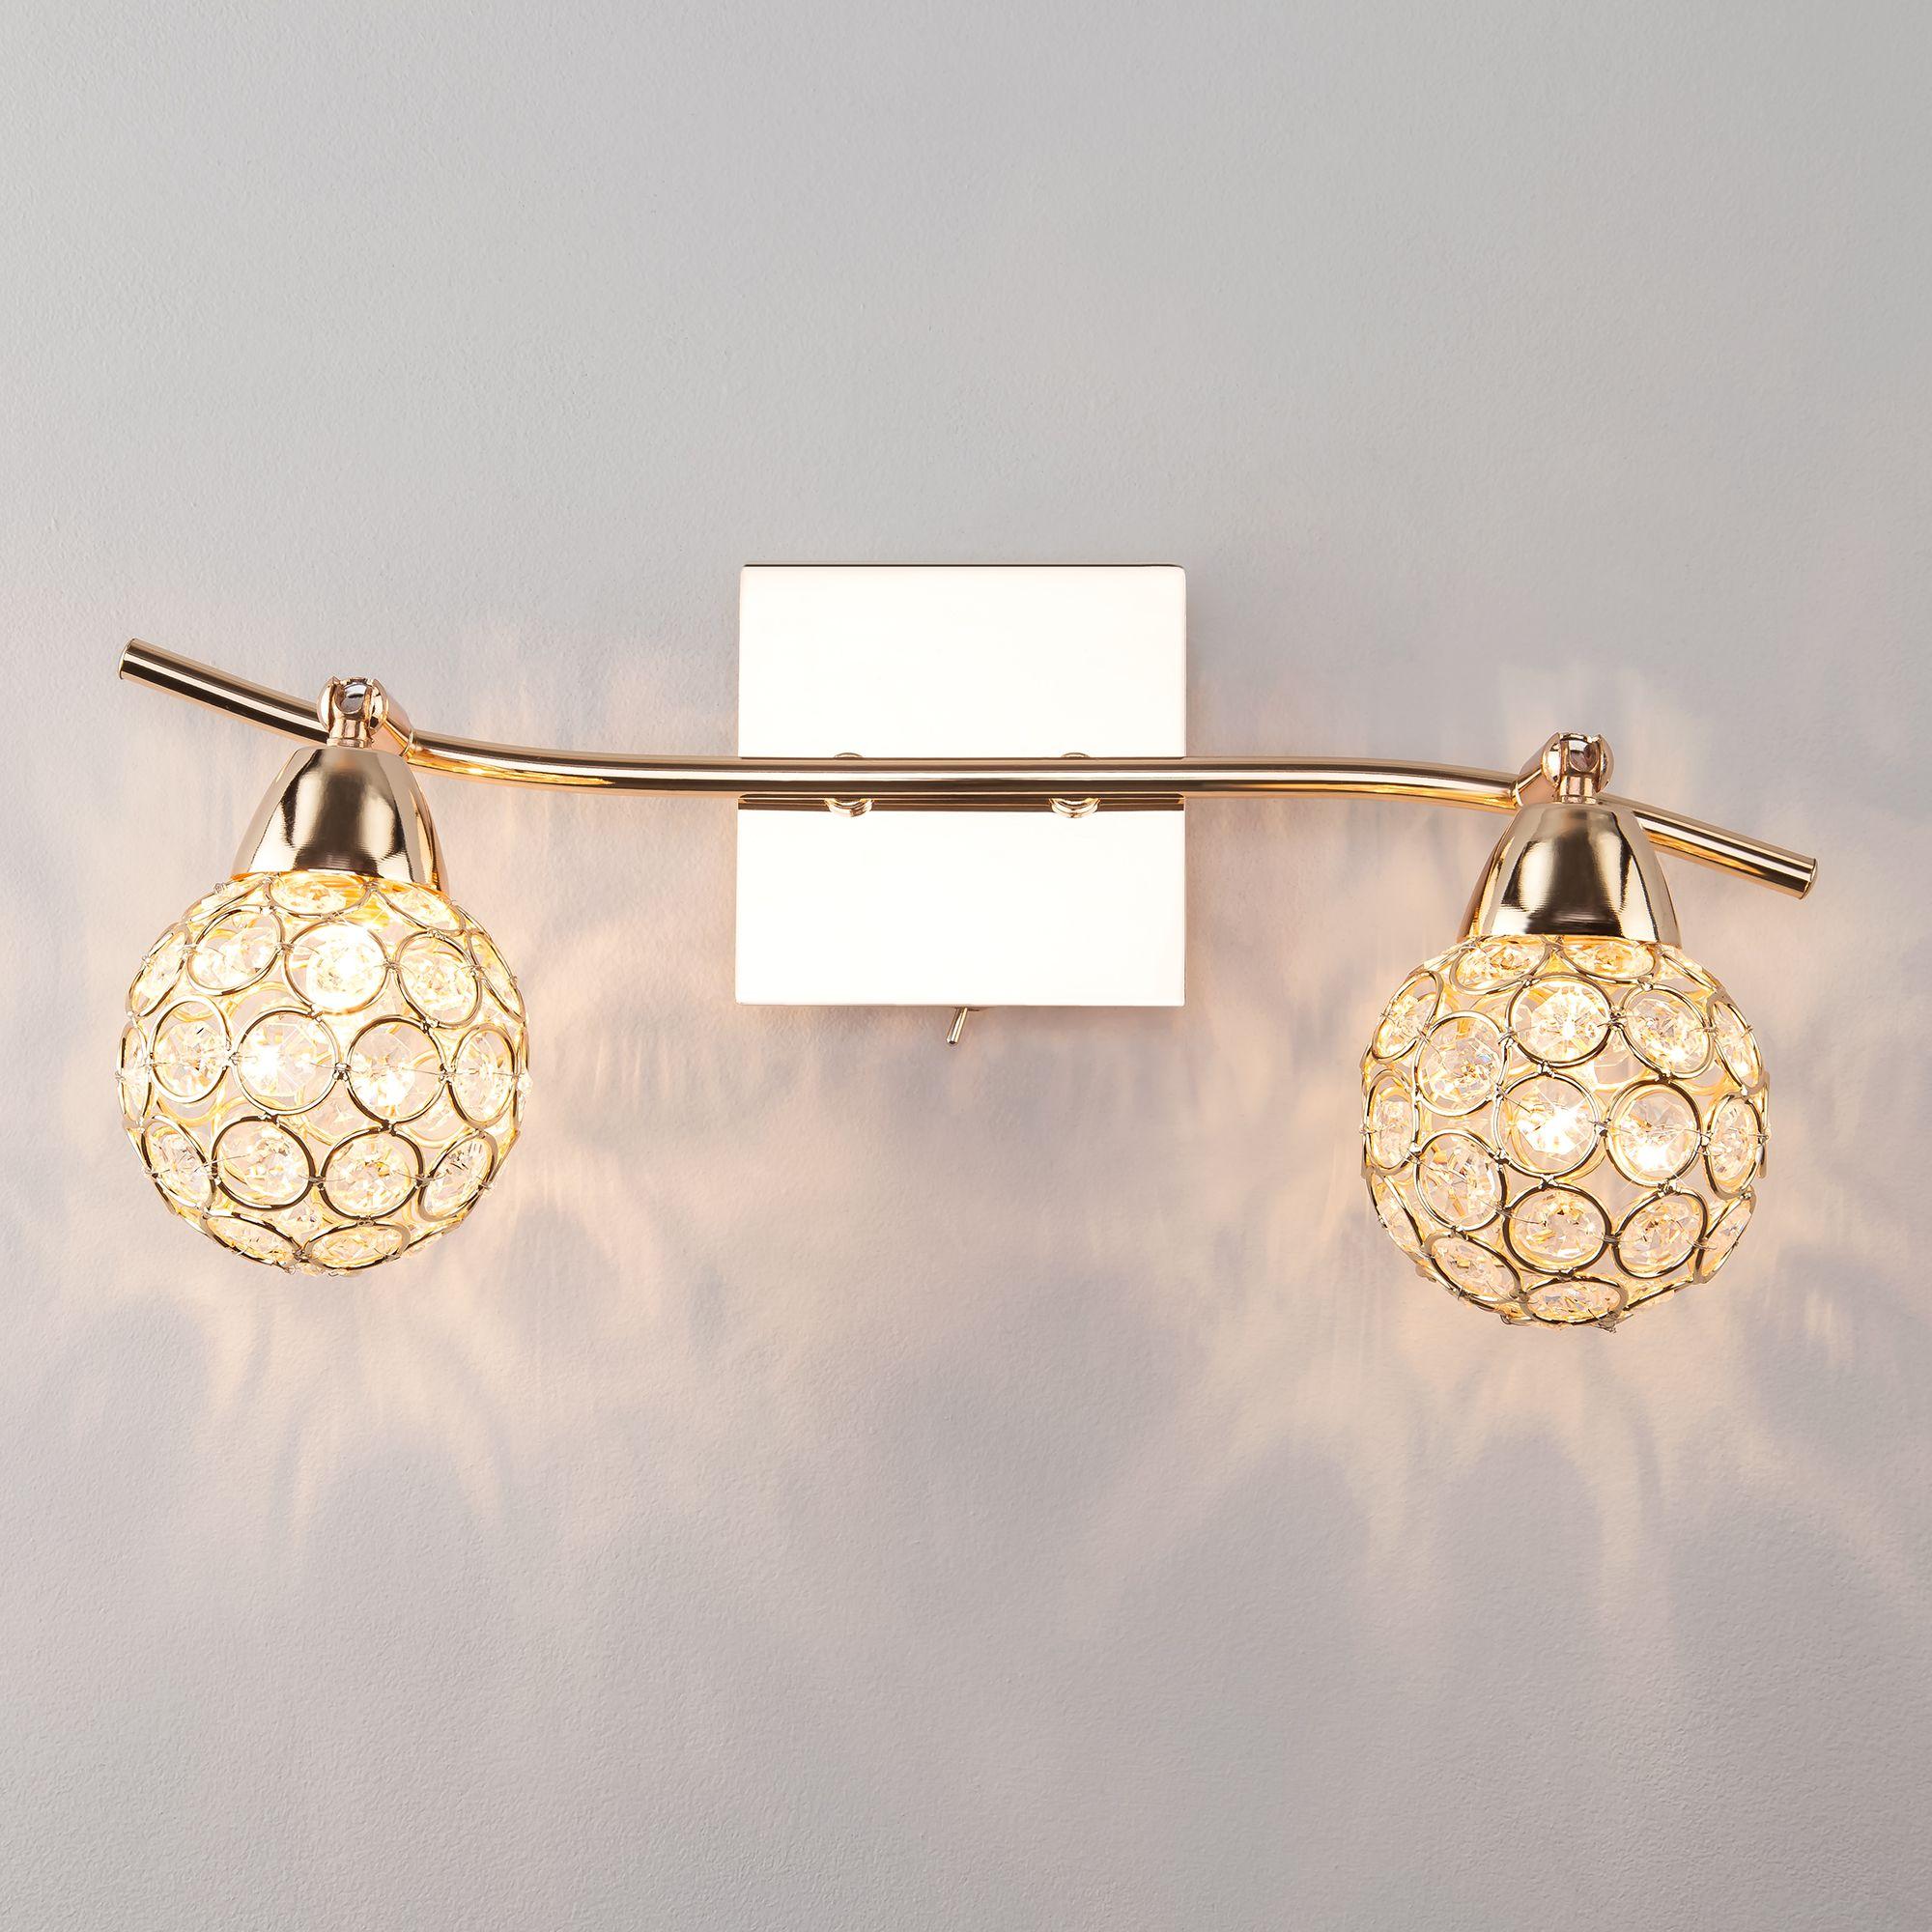 Настенный светильник с хрусталем 20042/2 золото